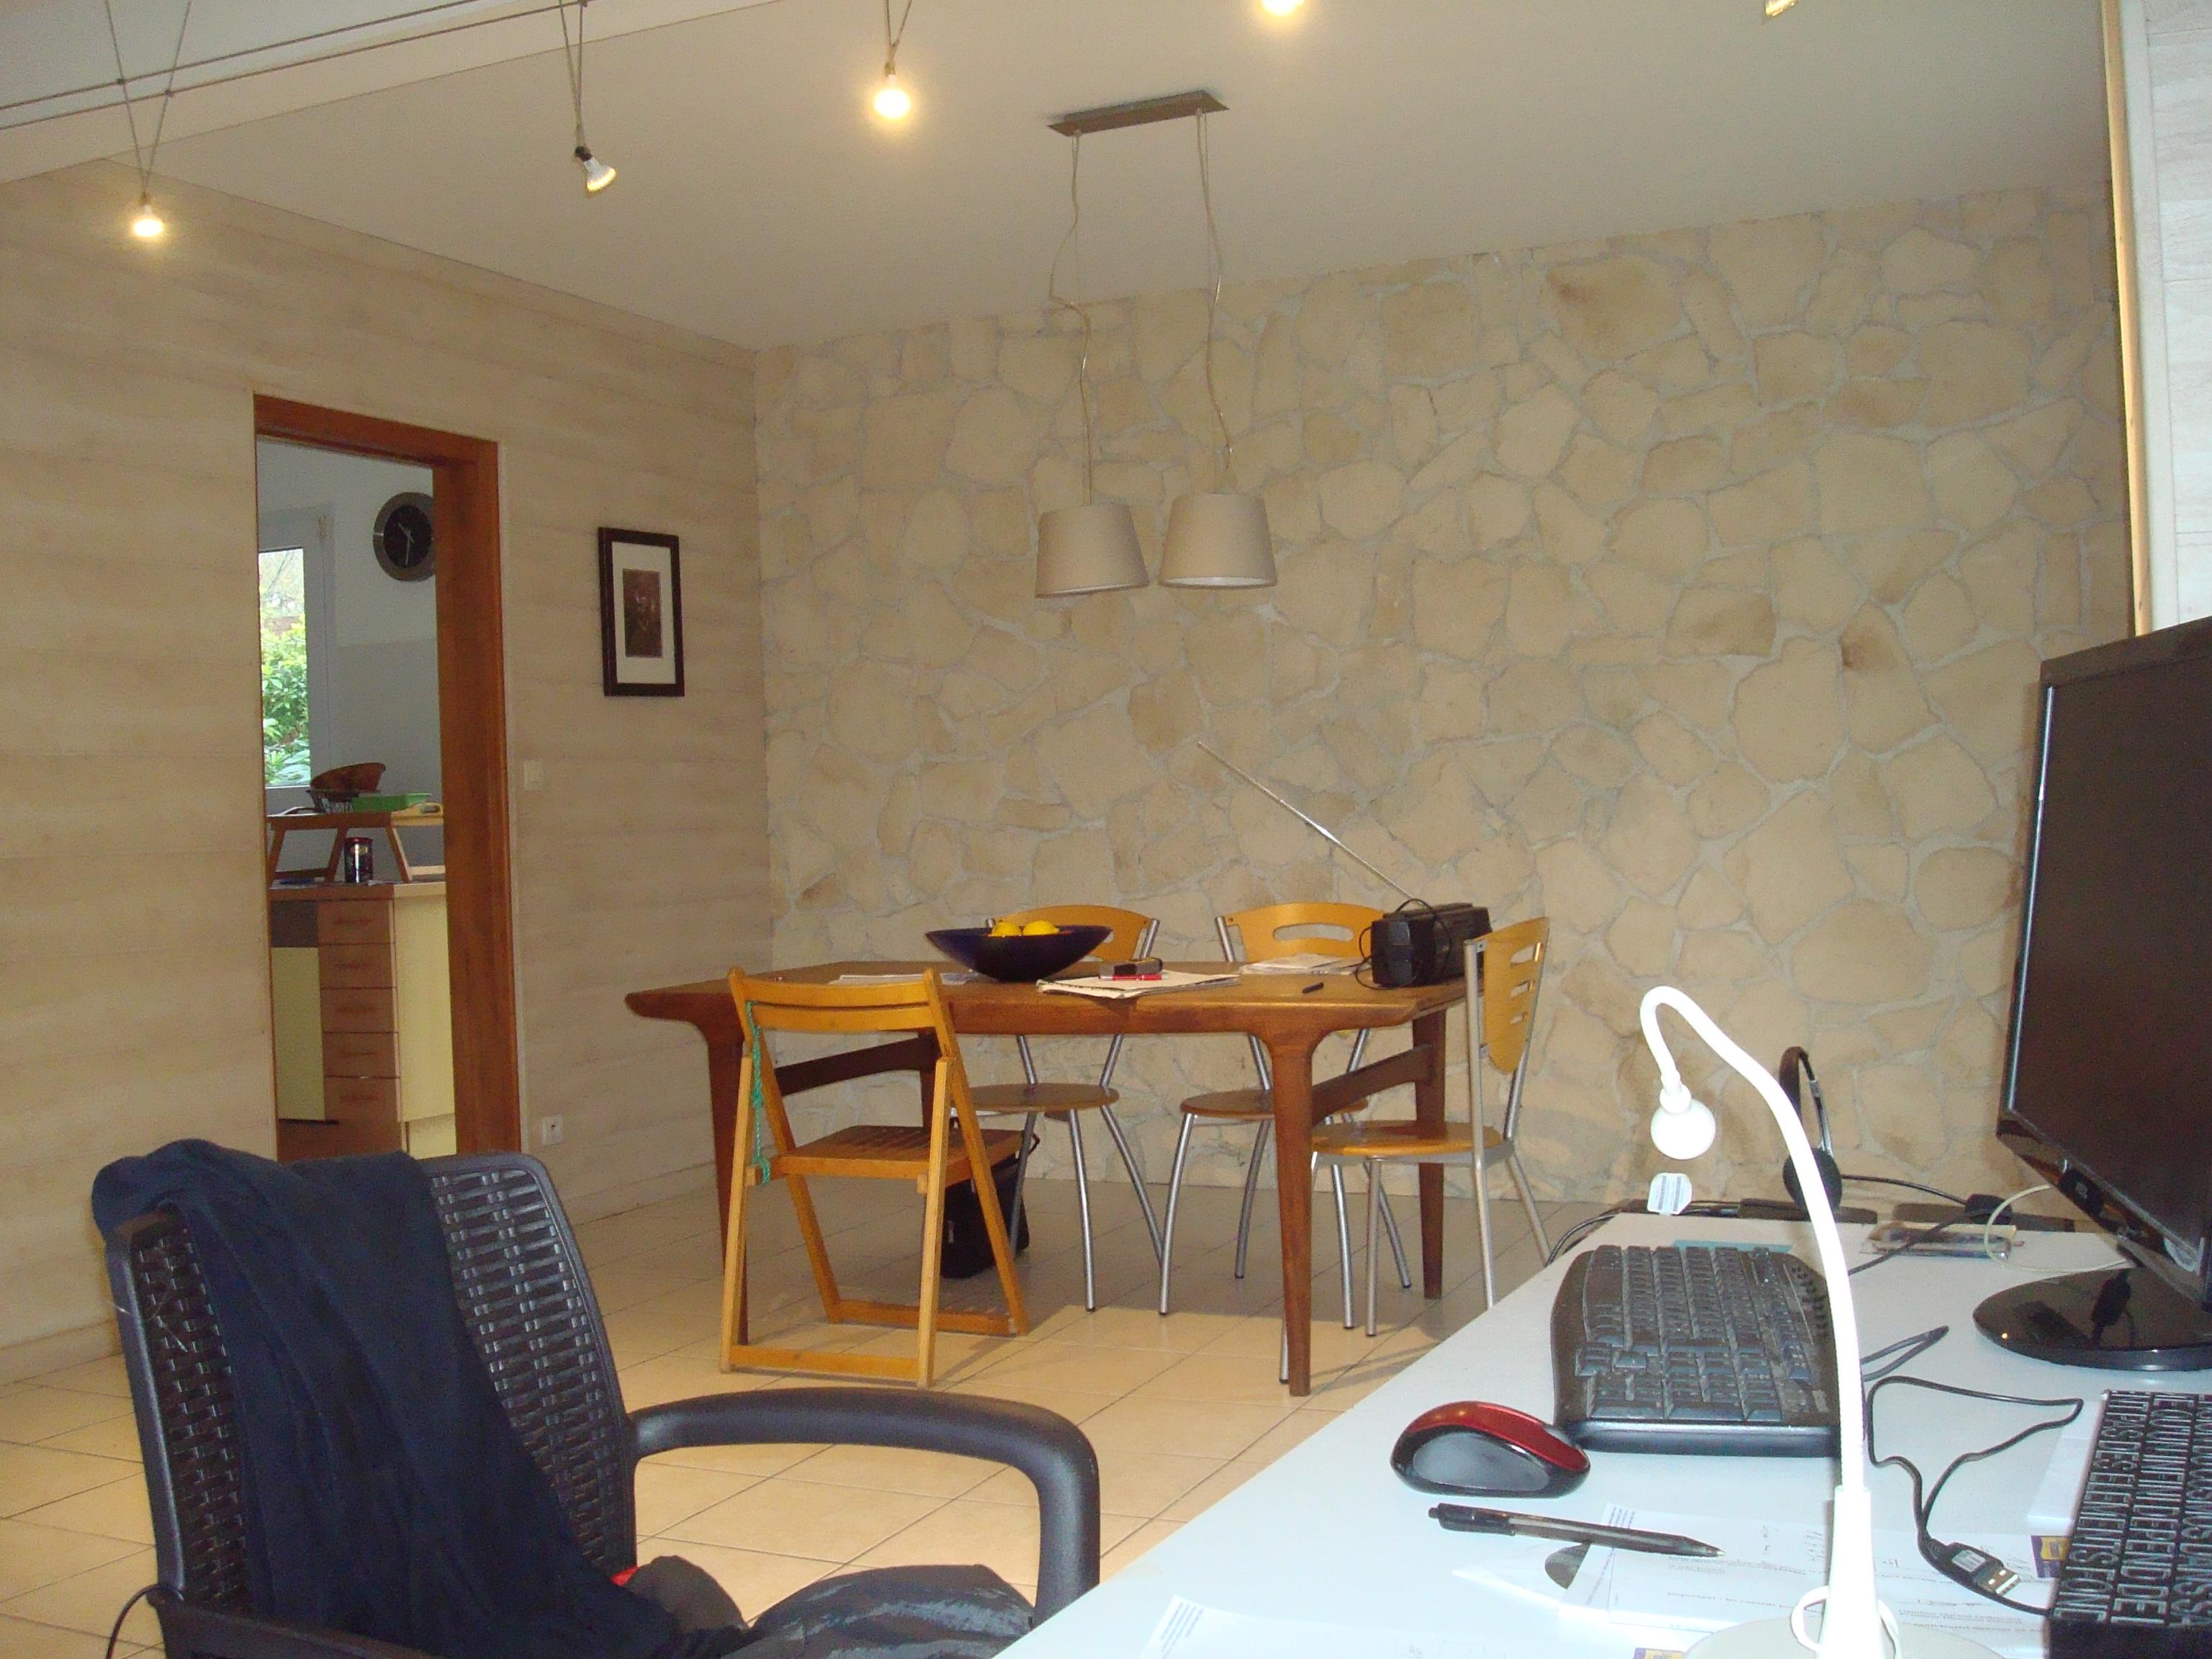 Maison T6 Brest Le Hildy: 217 600 € FAI » Brest Appartement Maison ...